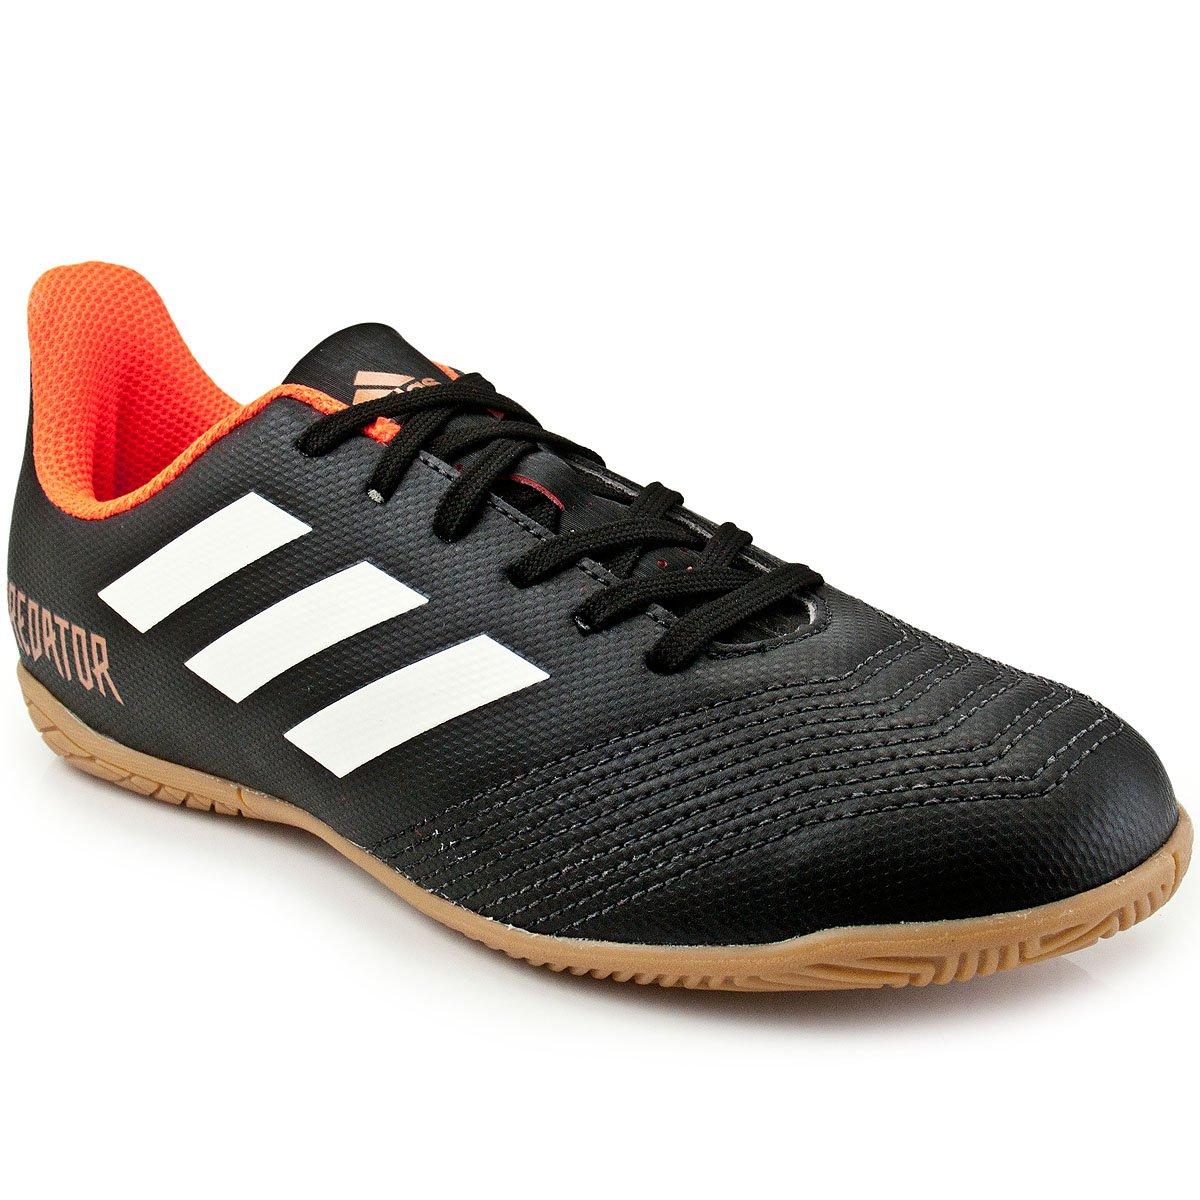 3070978dc924f Chuteira Adidas Predator Tango 18.4 IN